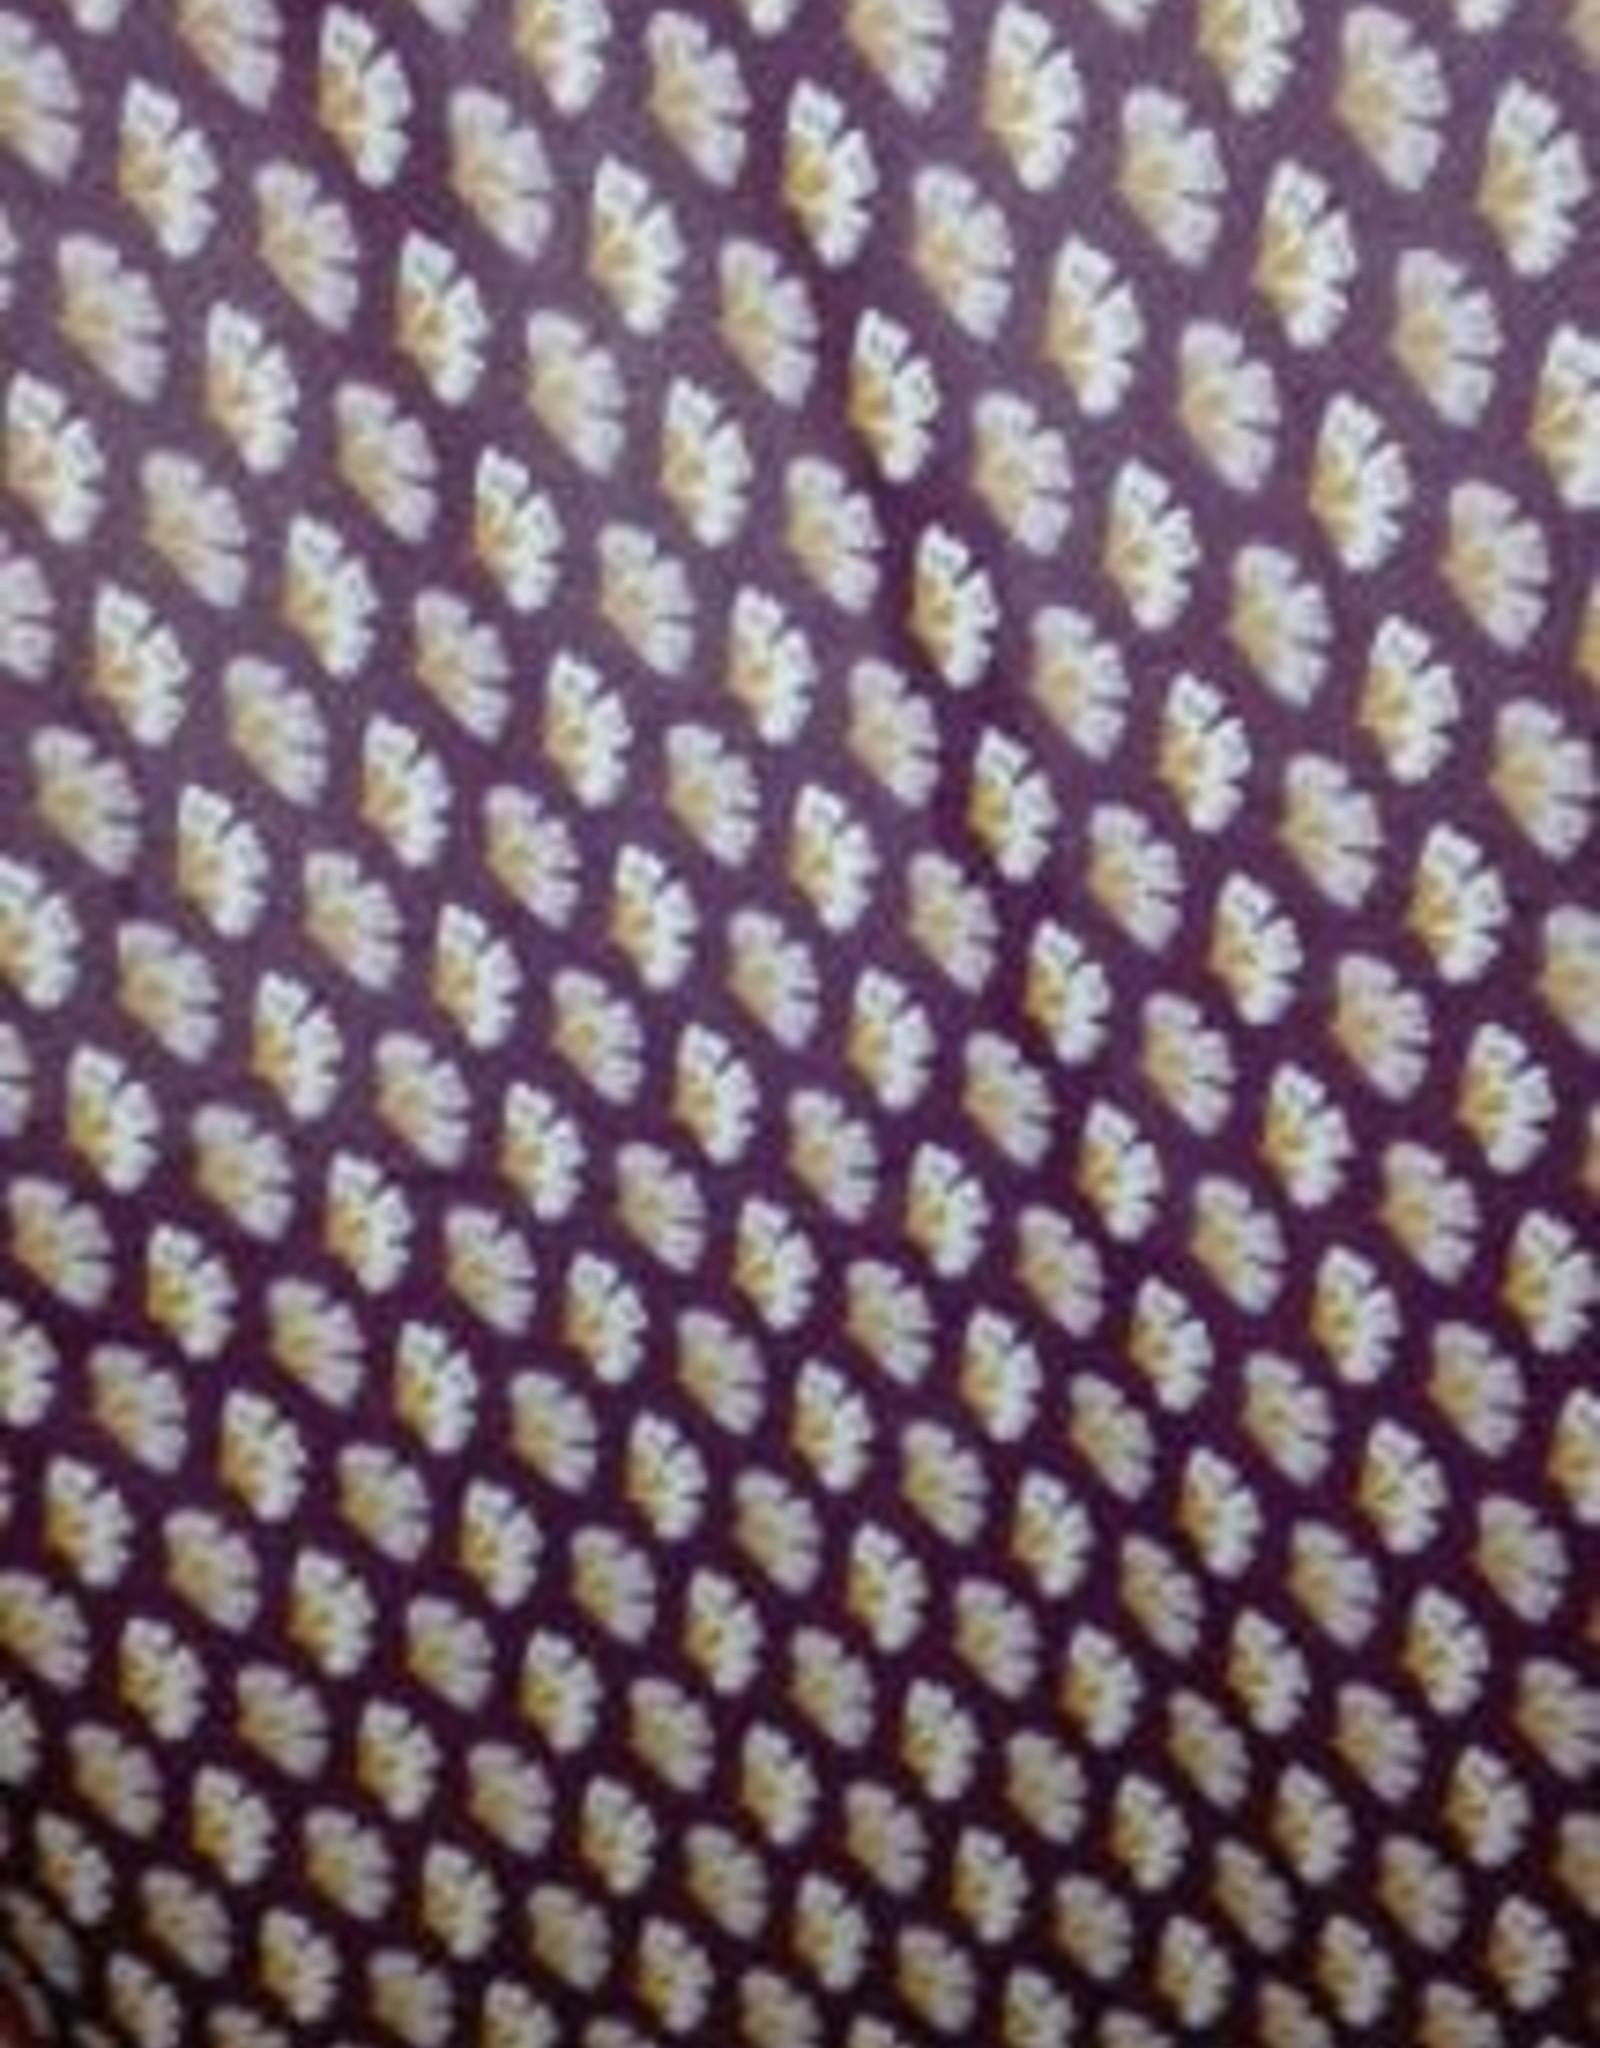 Gelamineerd katoen bruin//oker/ecru met bloempjes